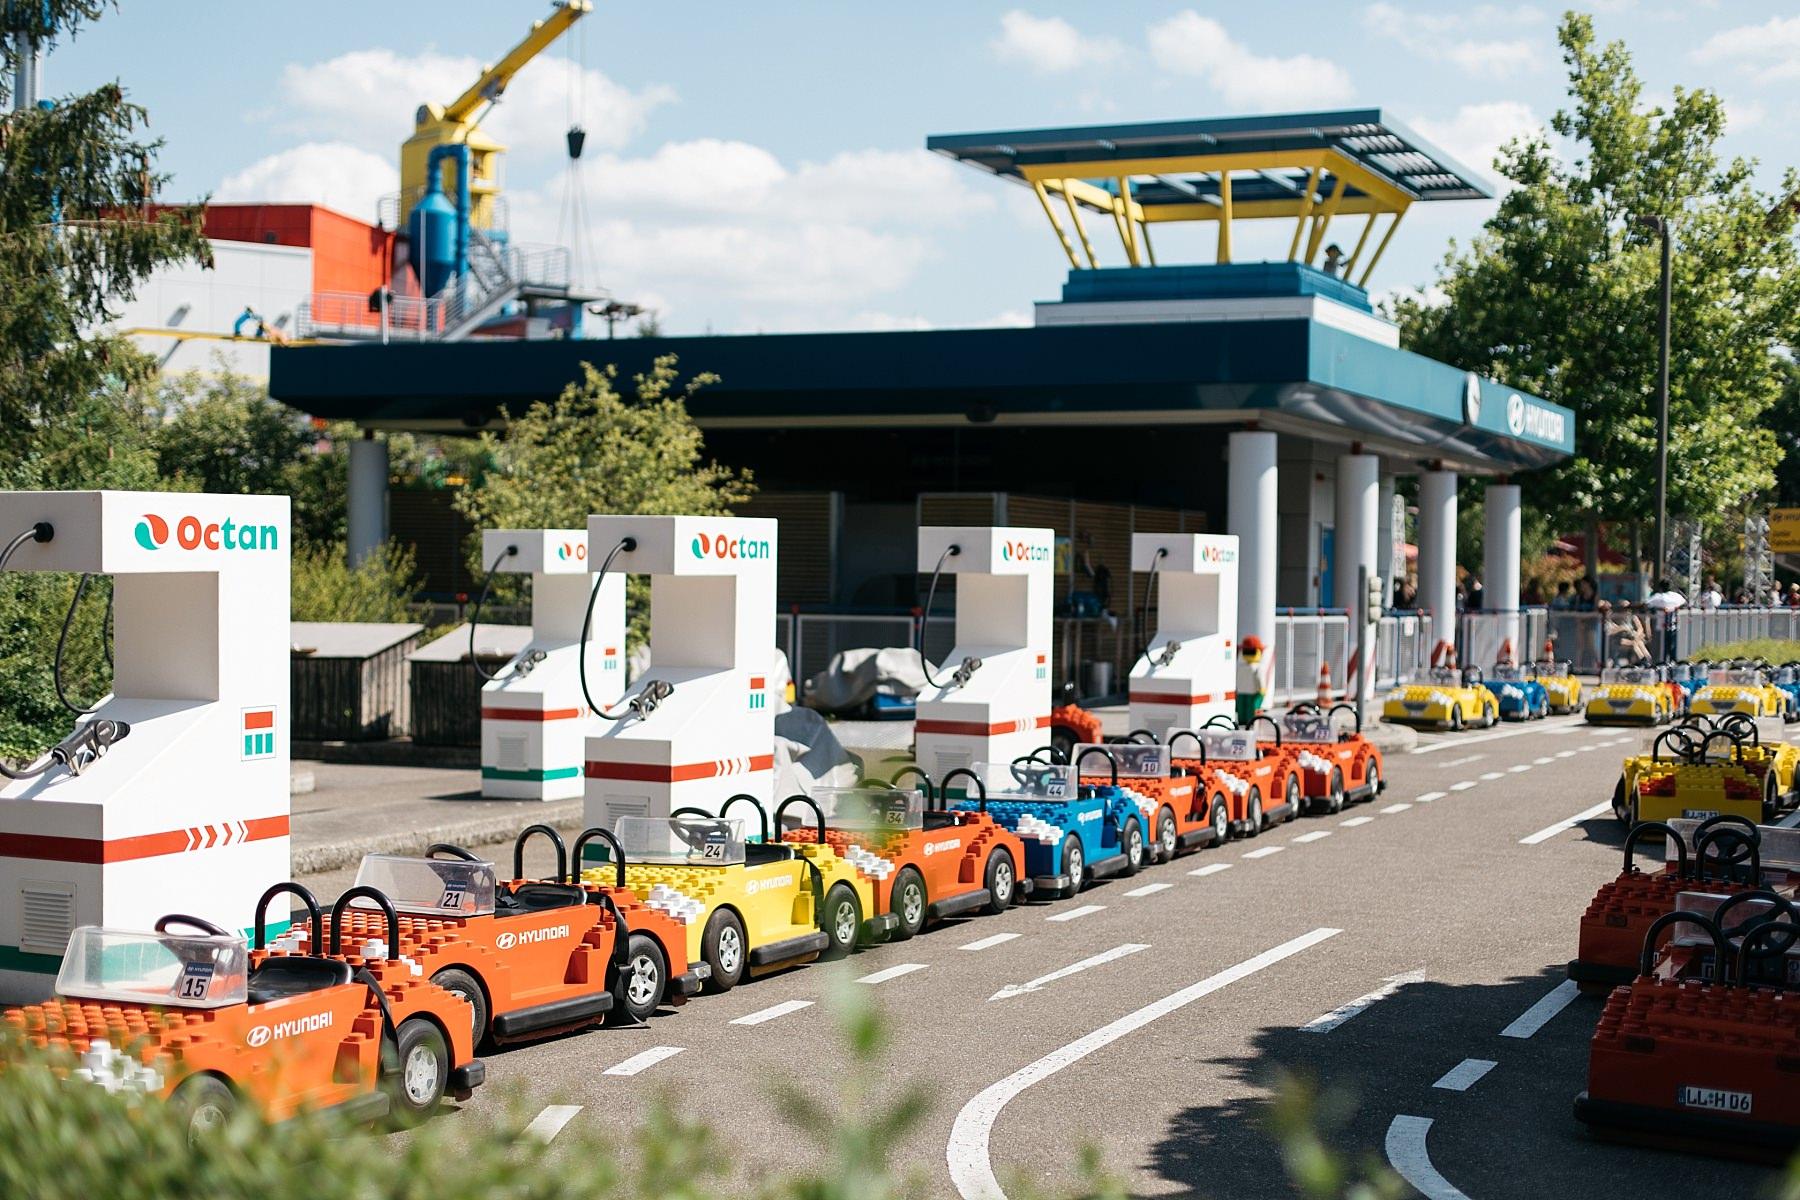 Legoland - 57 millions de briques Lego 15